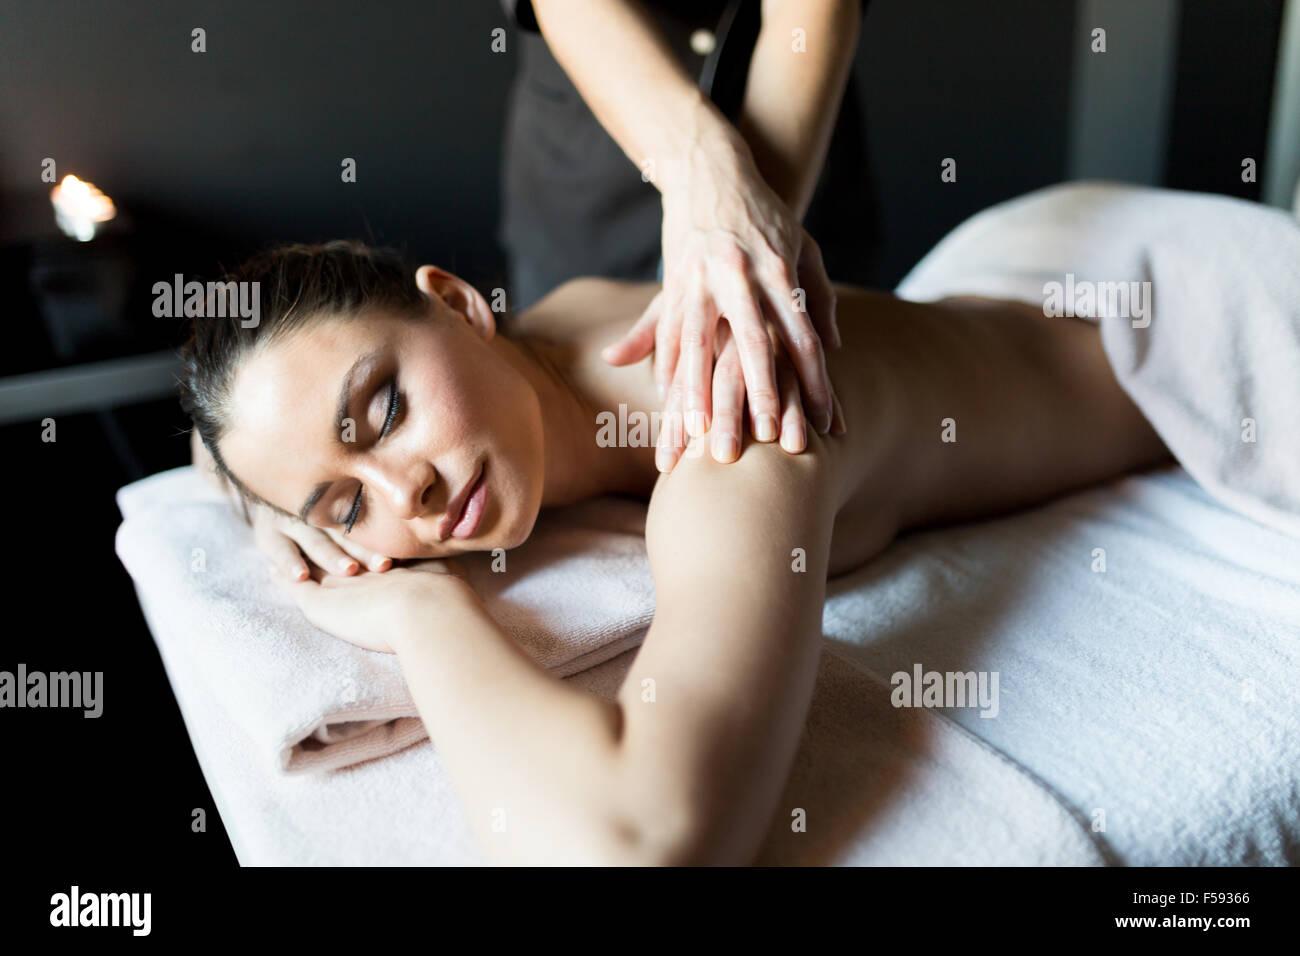 Schöne, junge und gesunde Frau, die ihre Schulter und Körper massiert durch einen professionellen Masseur Stockbild